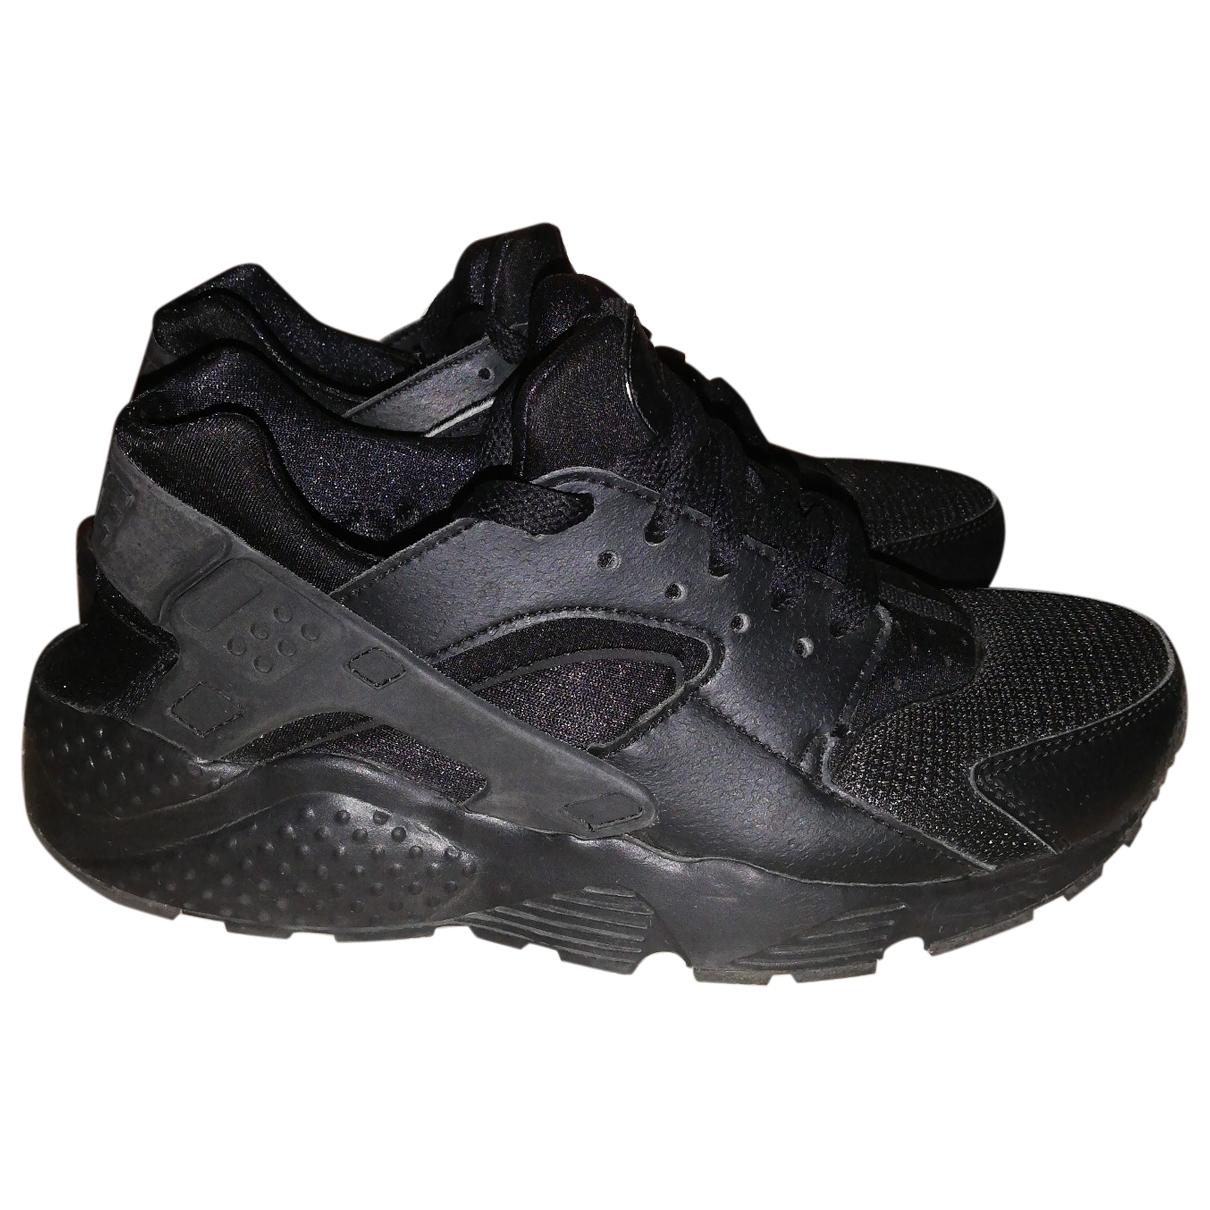 Nike - Baskets Huarache pour femme en caoutchouc - noir